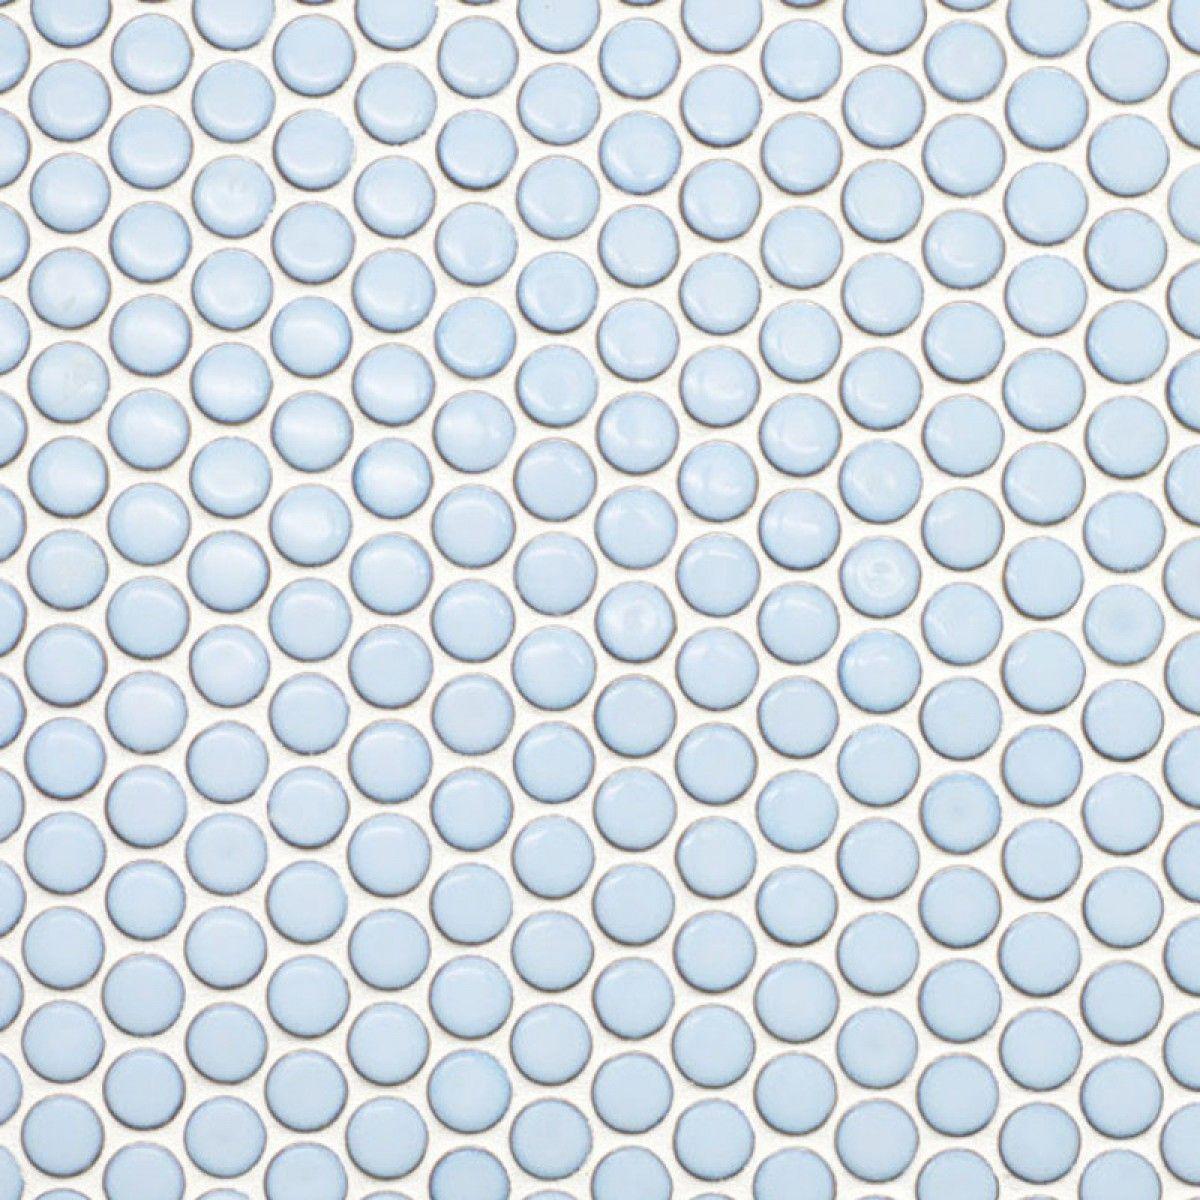 Blaue Fliesen: Light Blue Penny Round Porcelain Mosaic